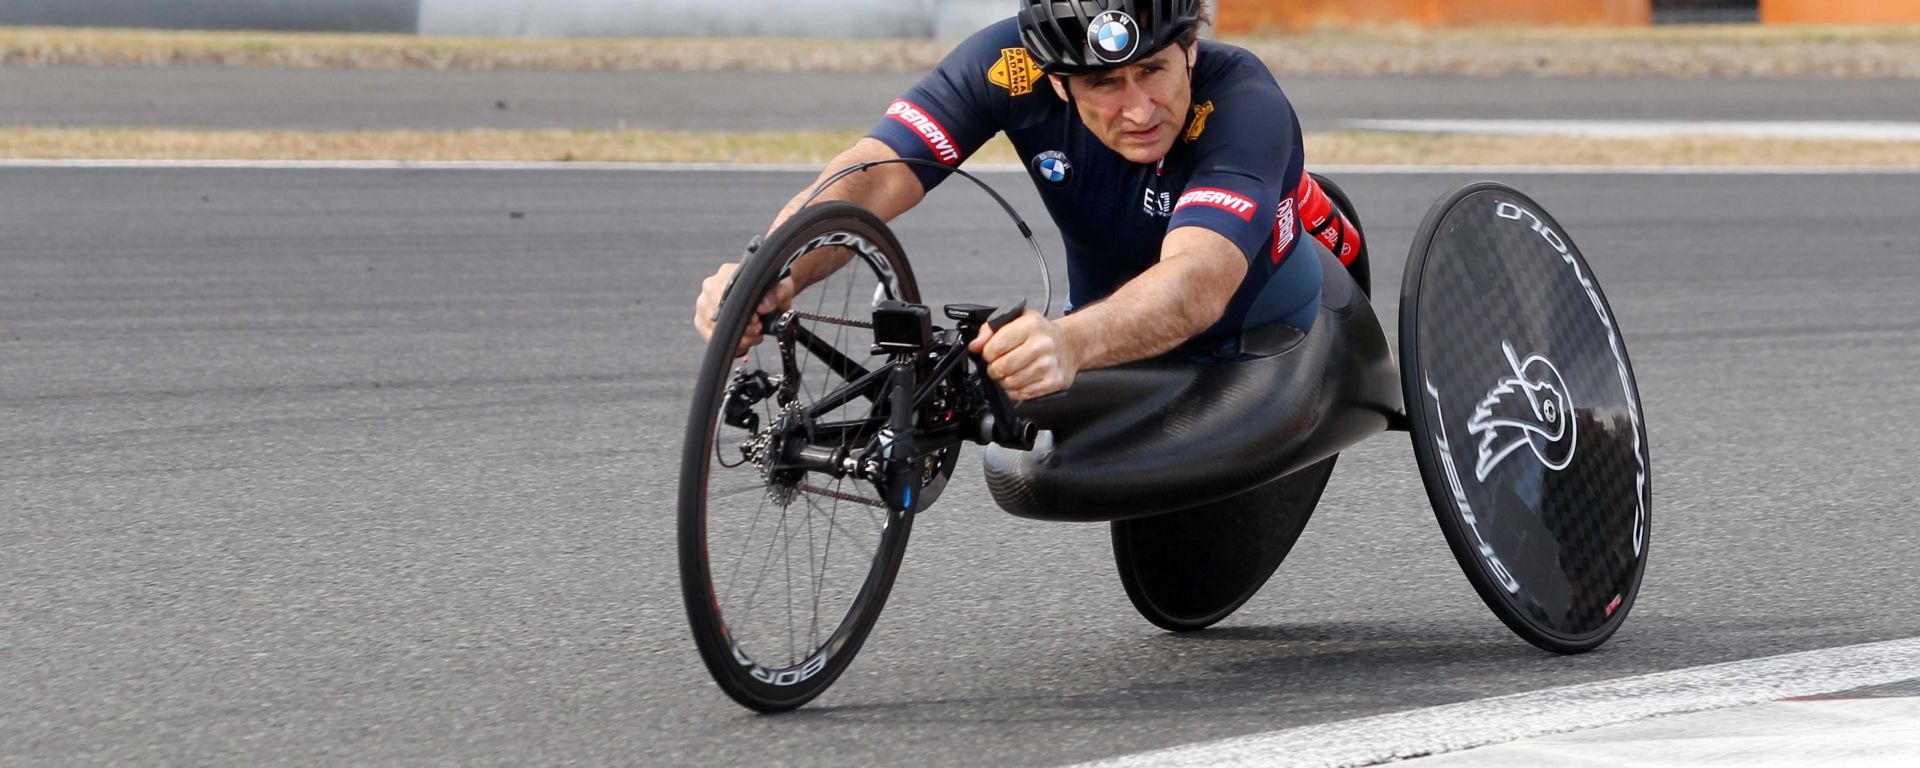 Alex Zanardi in allenamento con l'handbike sul circuito del Fuji in vista delle paralimpiadi di Tokyo 2020